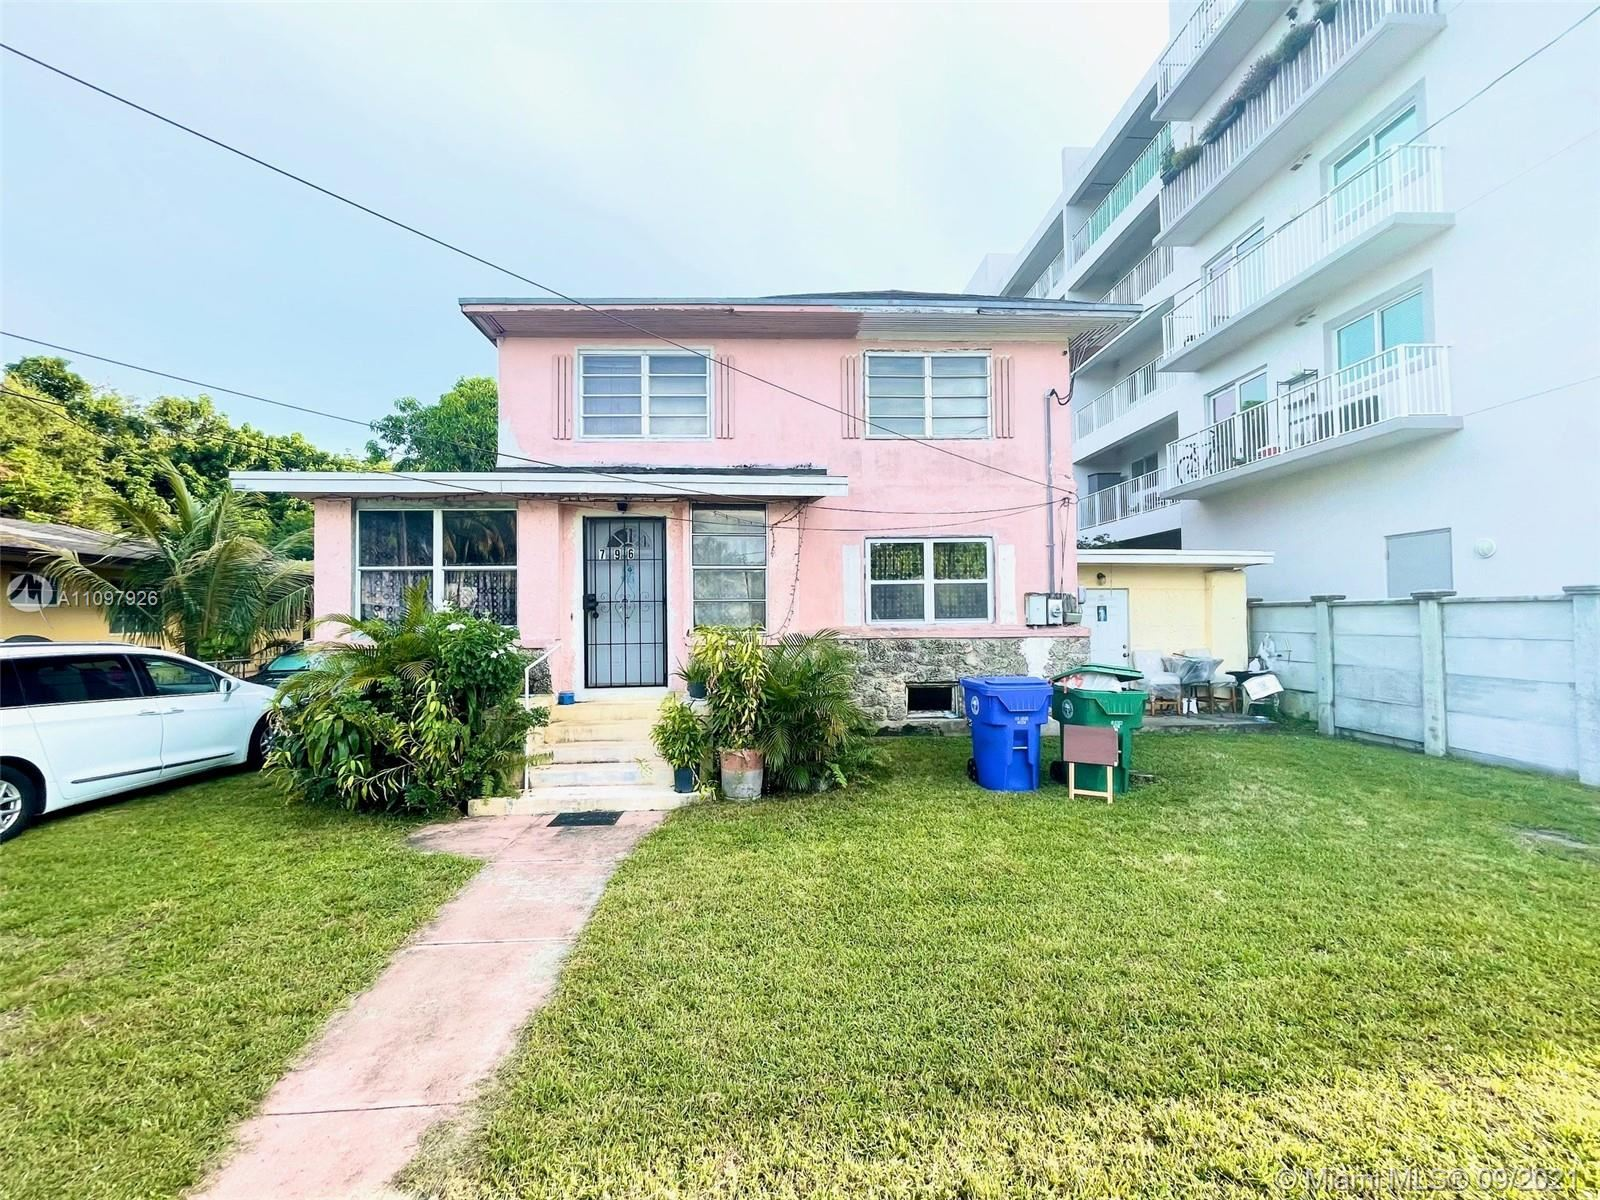 796 NE 85th St, Miami, FL 33138 - #: A11097926